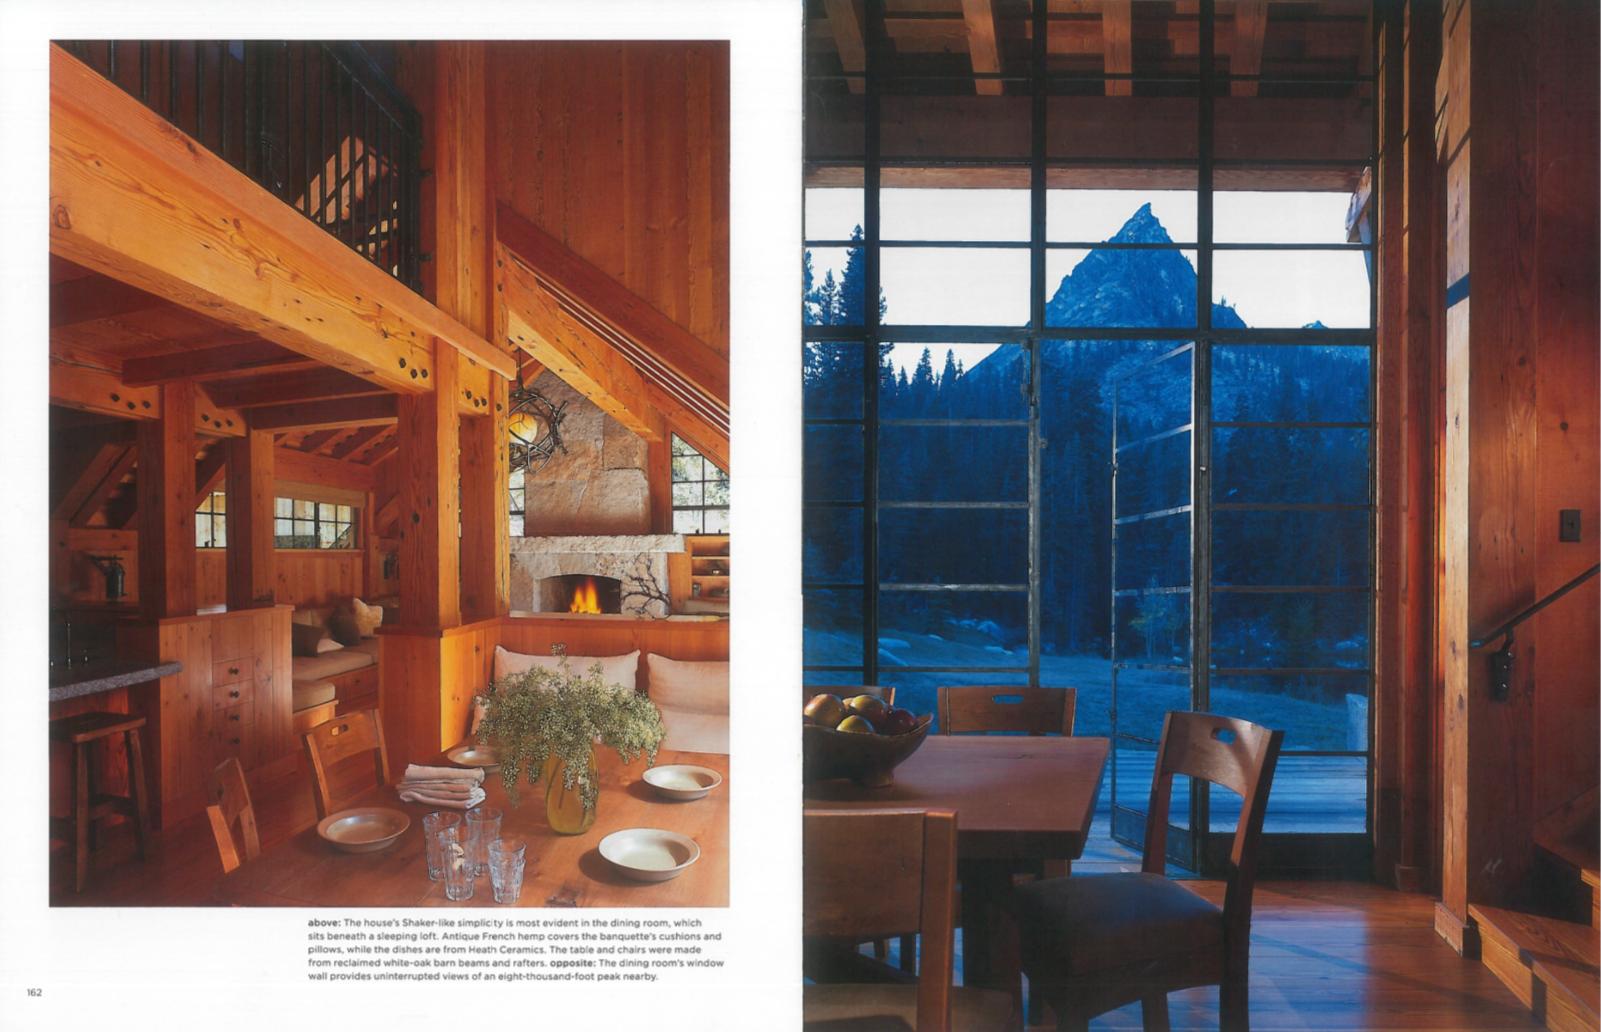 Western Design magazine 4